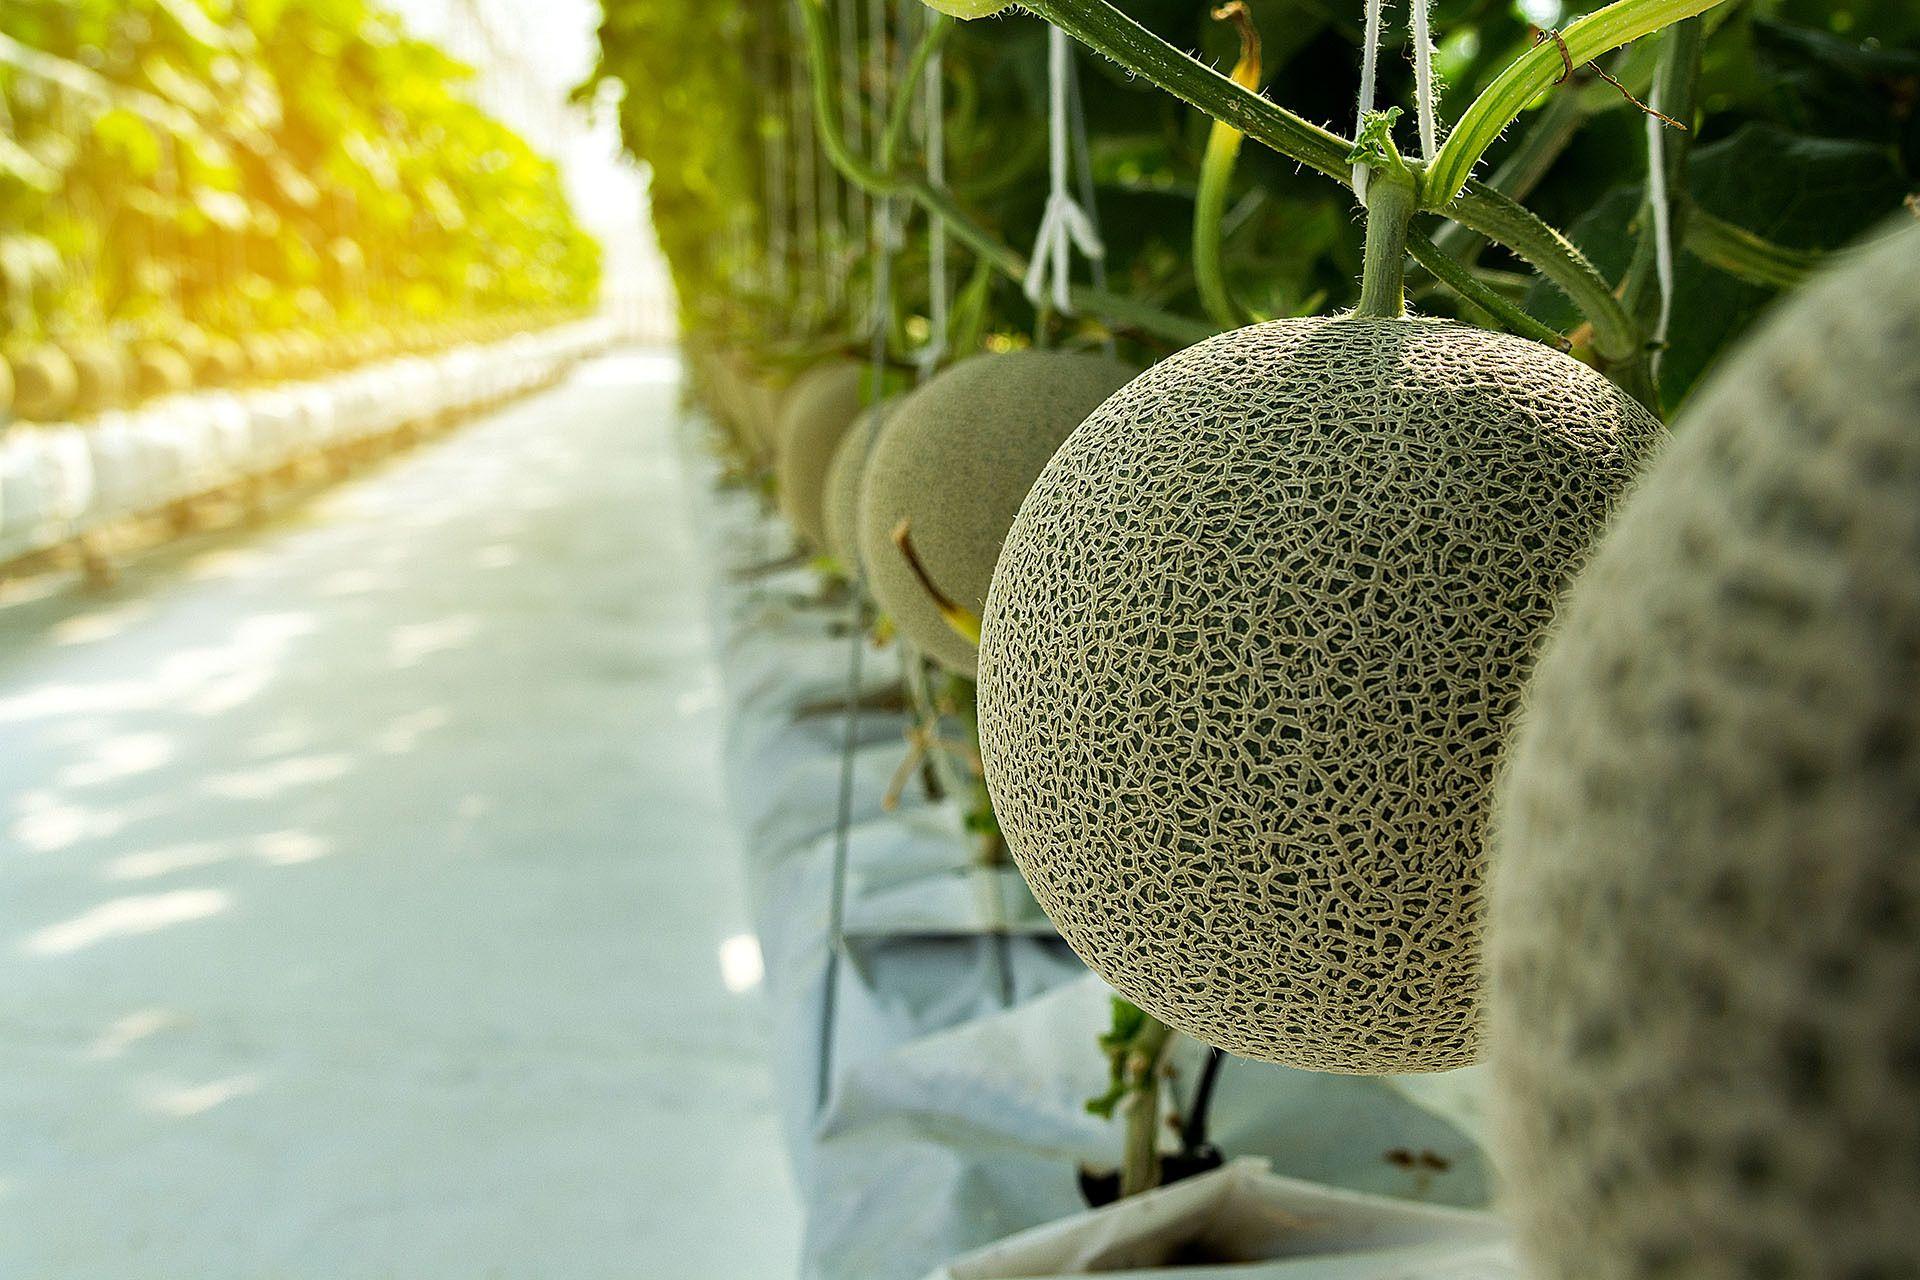 những quả dưa đắt đỏ ở Nhật Bản